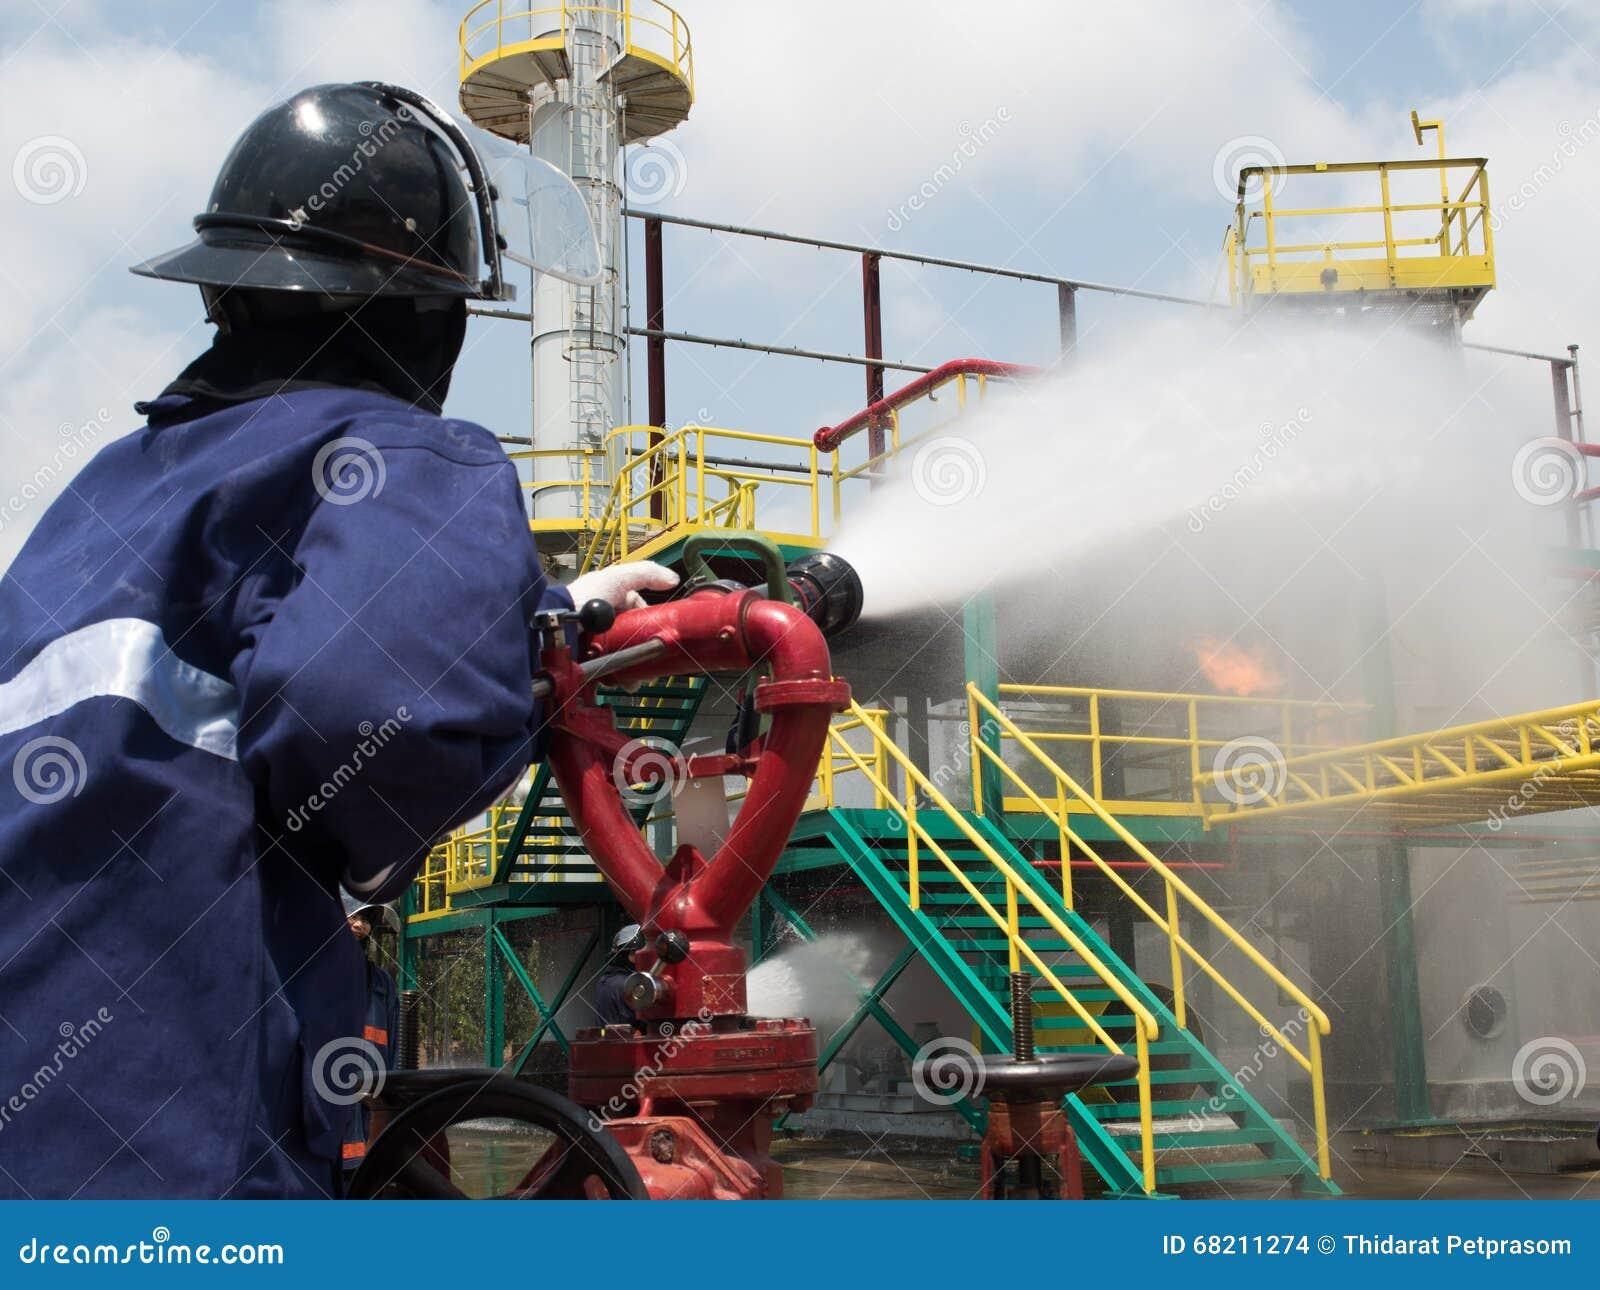 Feuerwehrmänner, die Feuer mit Druckwasser während der Schulungsübung kämpfen Feuerwehrmann, der weg einen geraden Dampf in Feuer